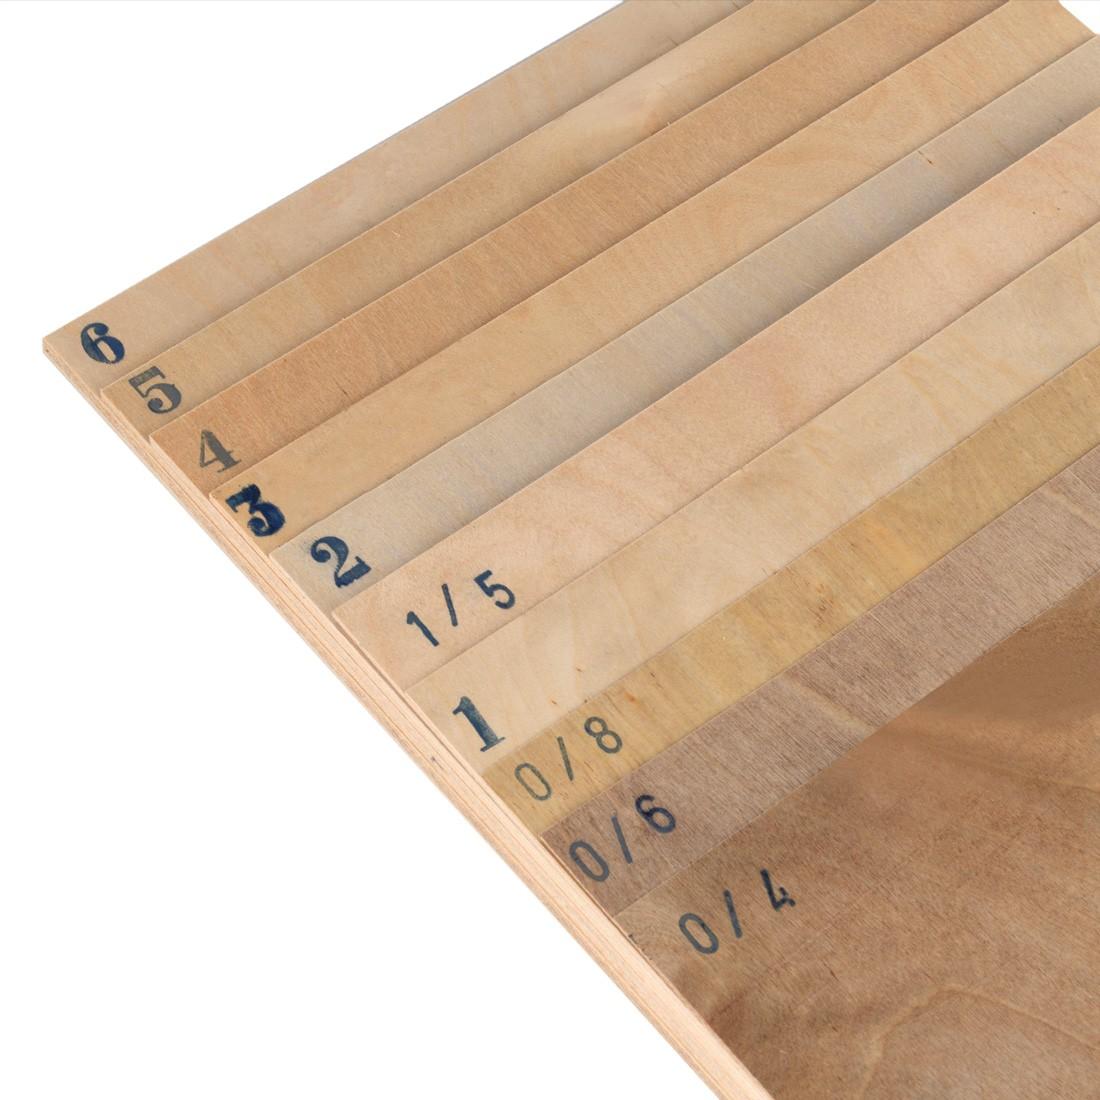 Avio Birch plywood mm.1 cm.61x30